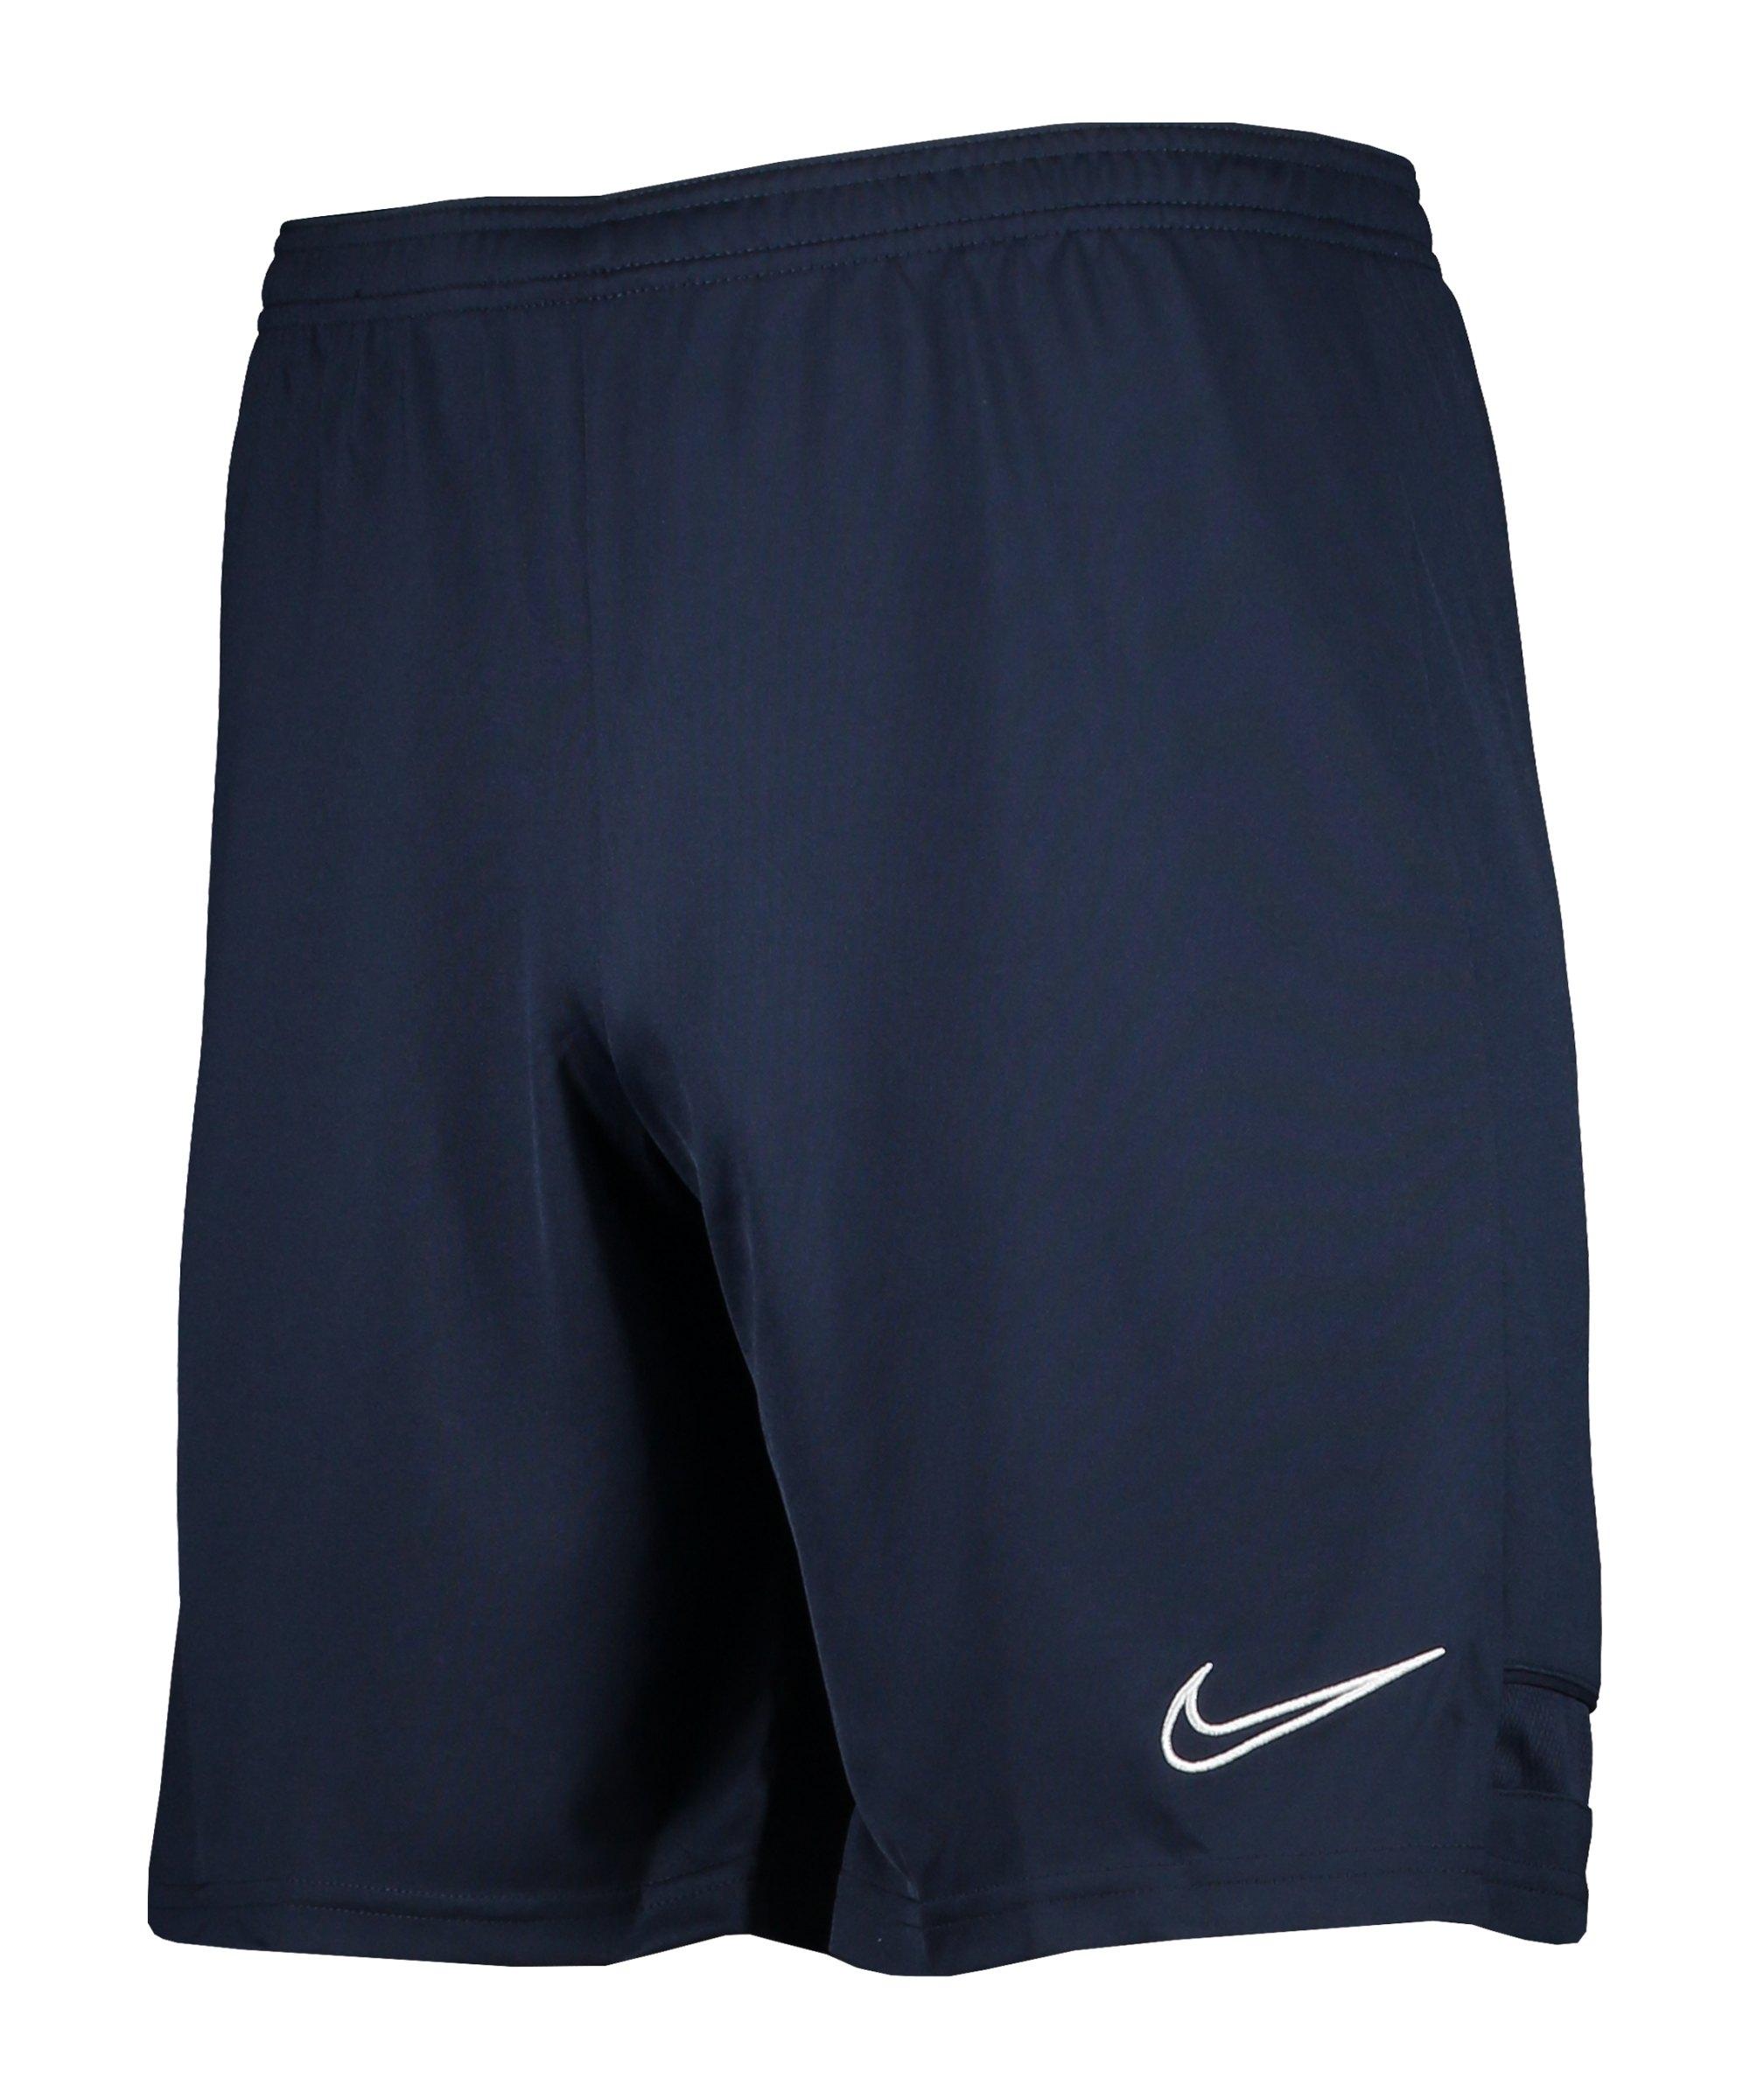 Nike Academy 21 Short Kids Blau Weiss F452 - blau